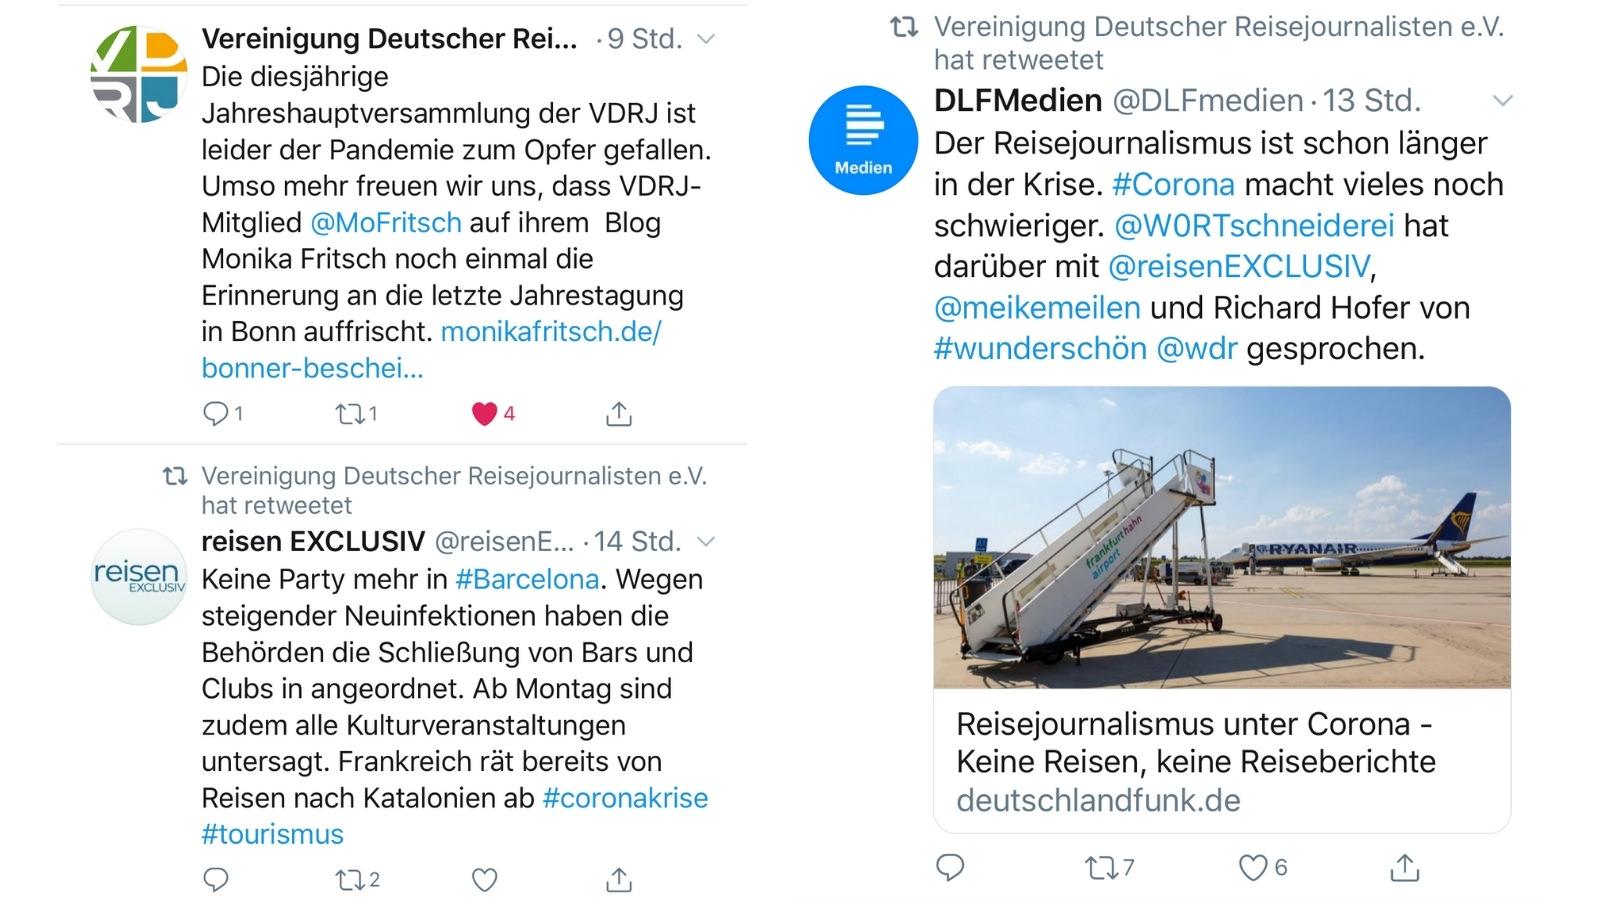 Durch das Taggen von anderen Accounts erreicht ein Tweet eine höhere Reichweite und Sichtbarkeit, Der markierte Account wird über die Notifications benachrichtigt. (Screenshot: Valerie Wagner)